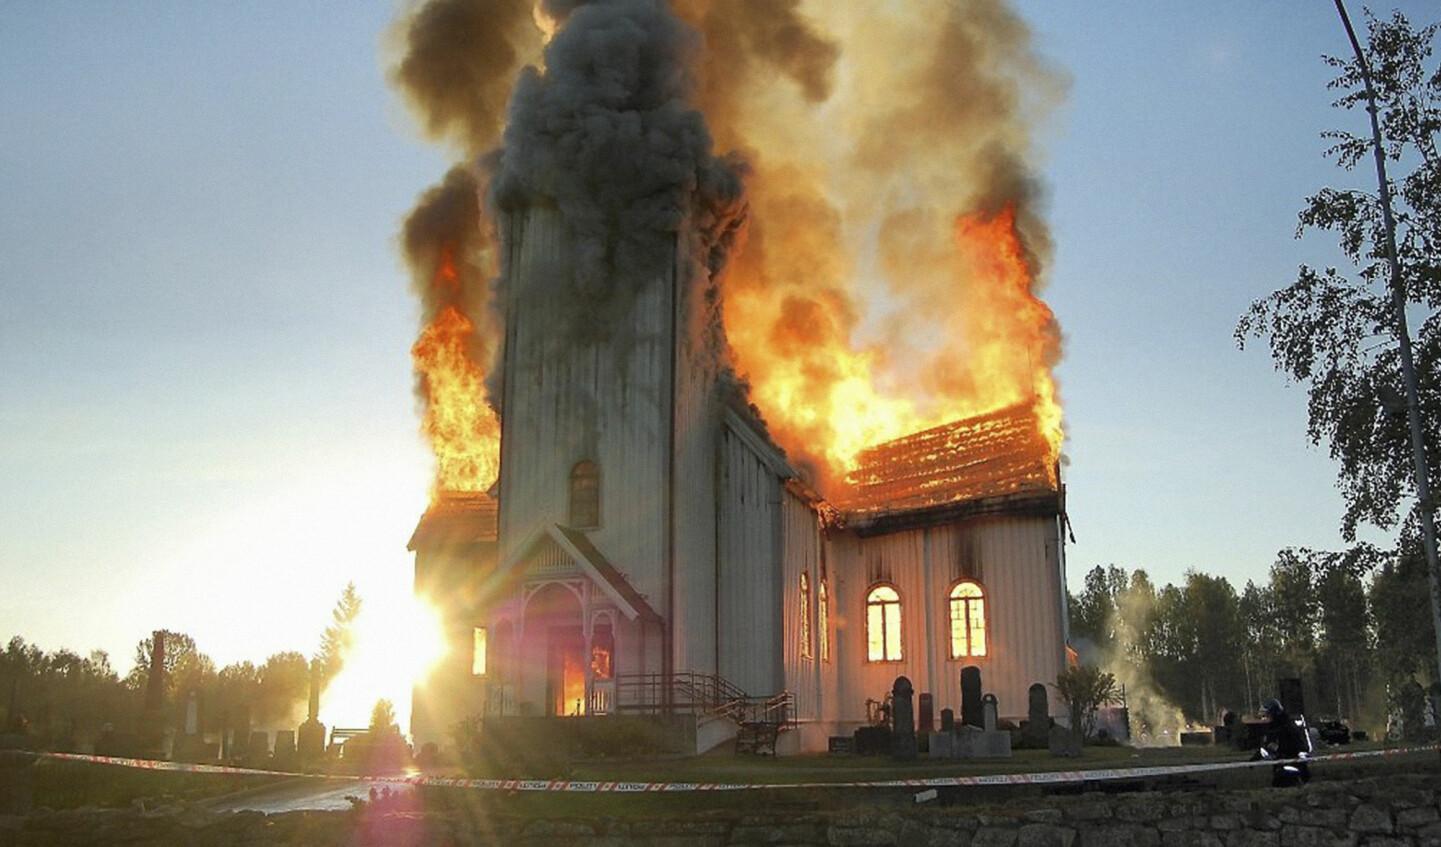 Når ei kirke brenner ned